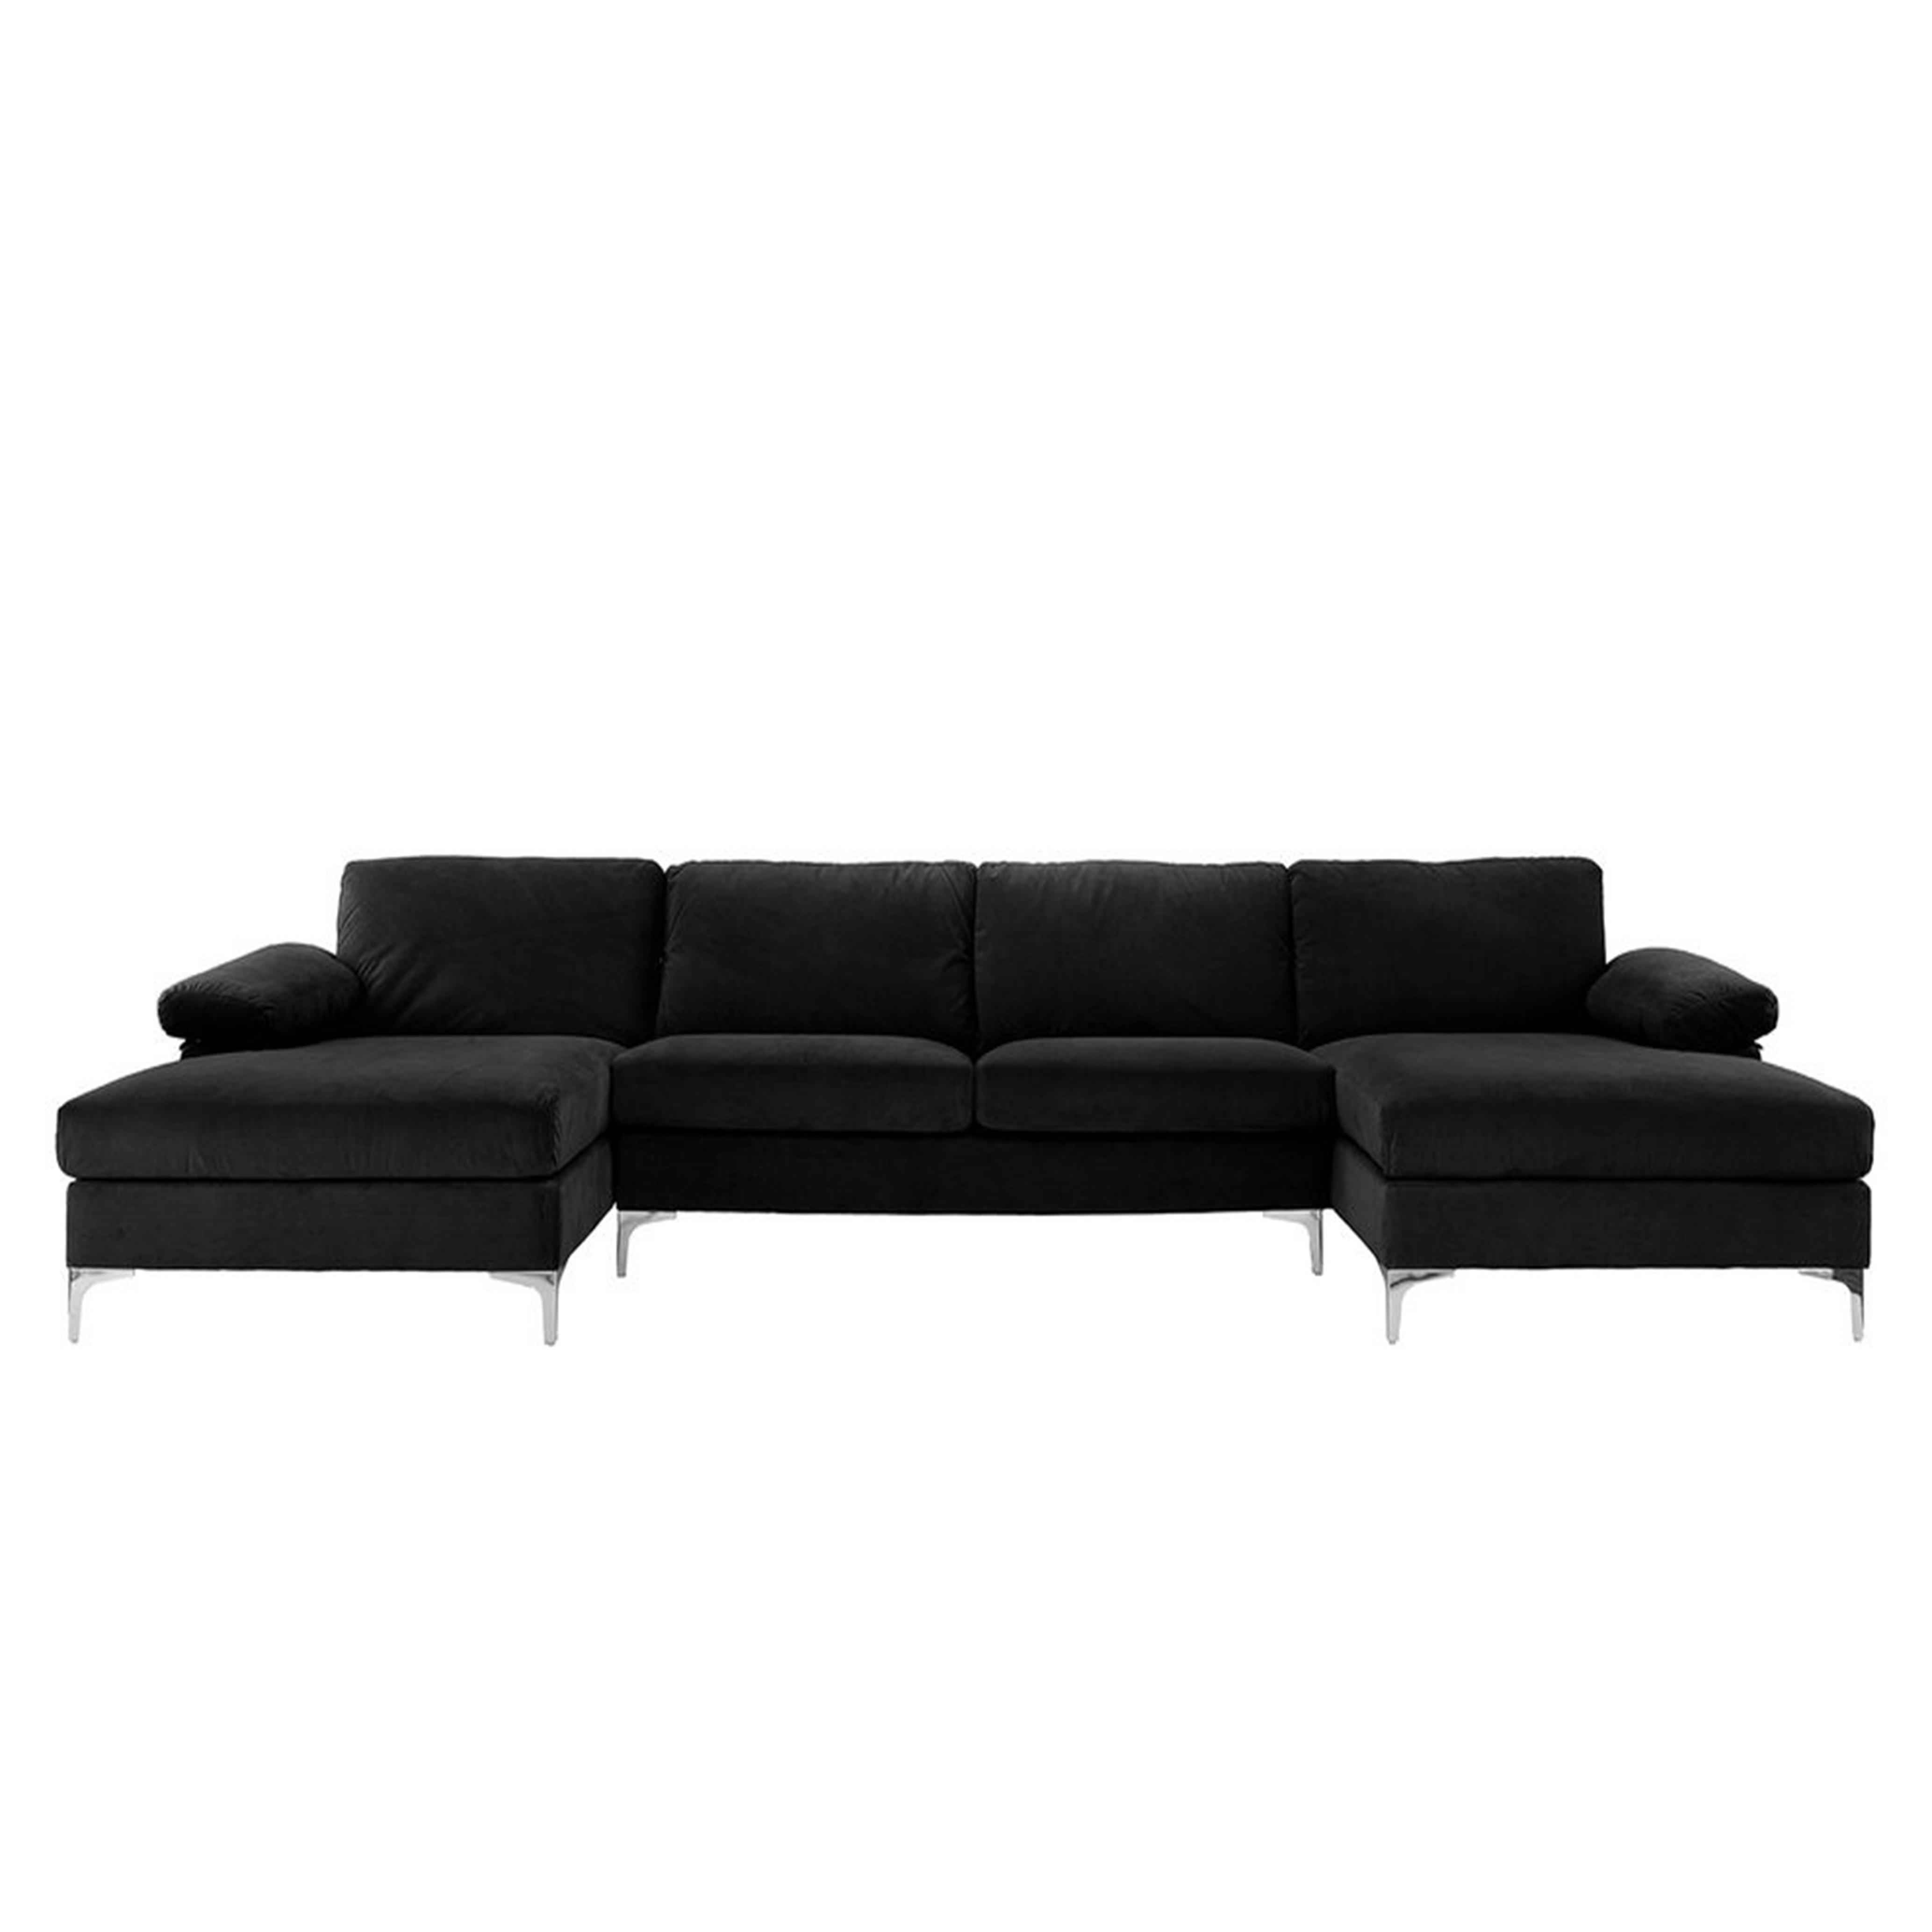 Canapé d'angle Bleu Velours Contemporain Confort